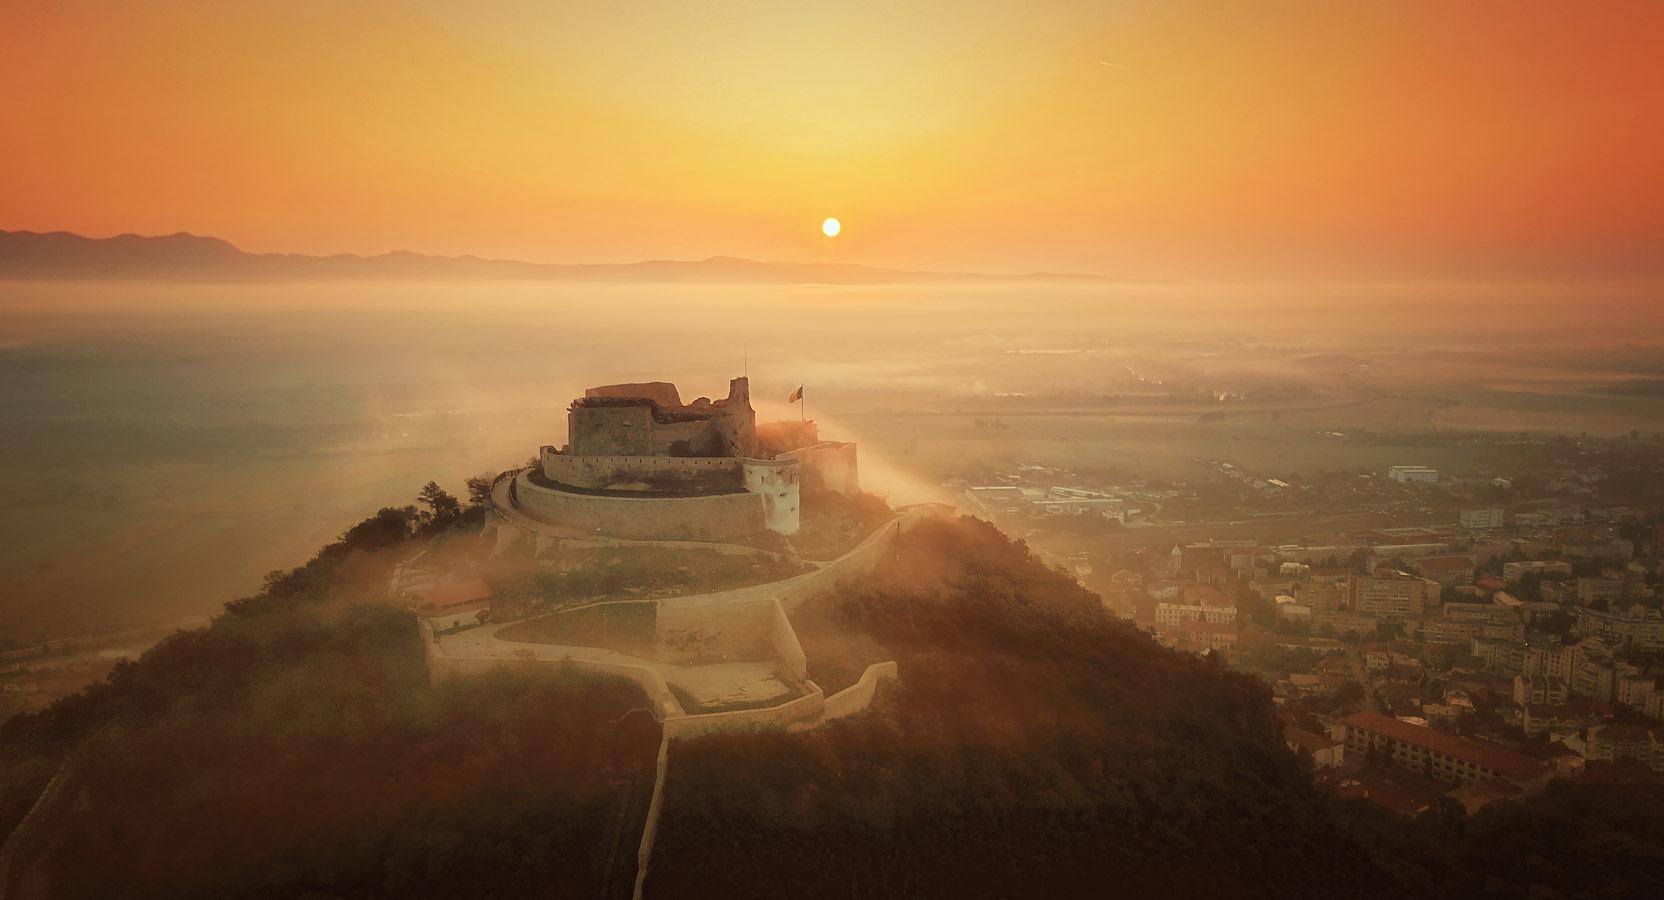 © Драгос Пирвулеску, 10-е место, Фотоконкурс «Вики любит памятники» — Wiki Loves Monuments